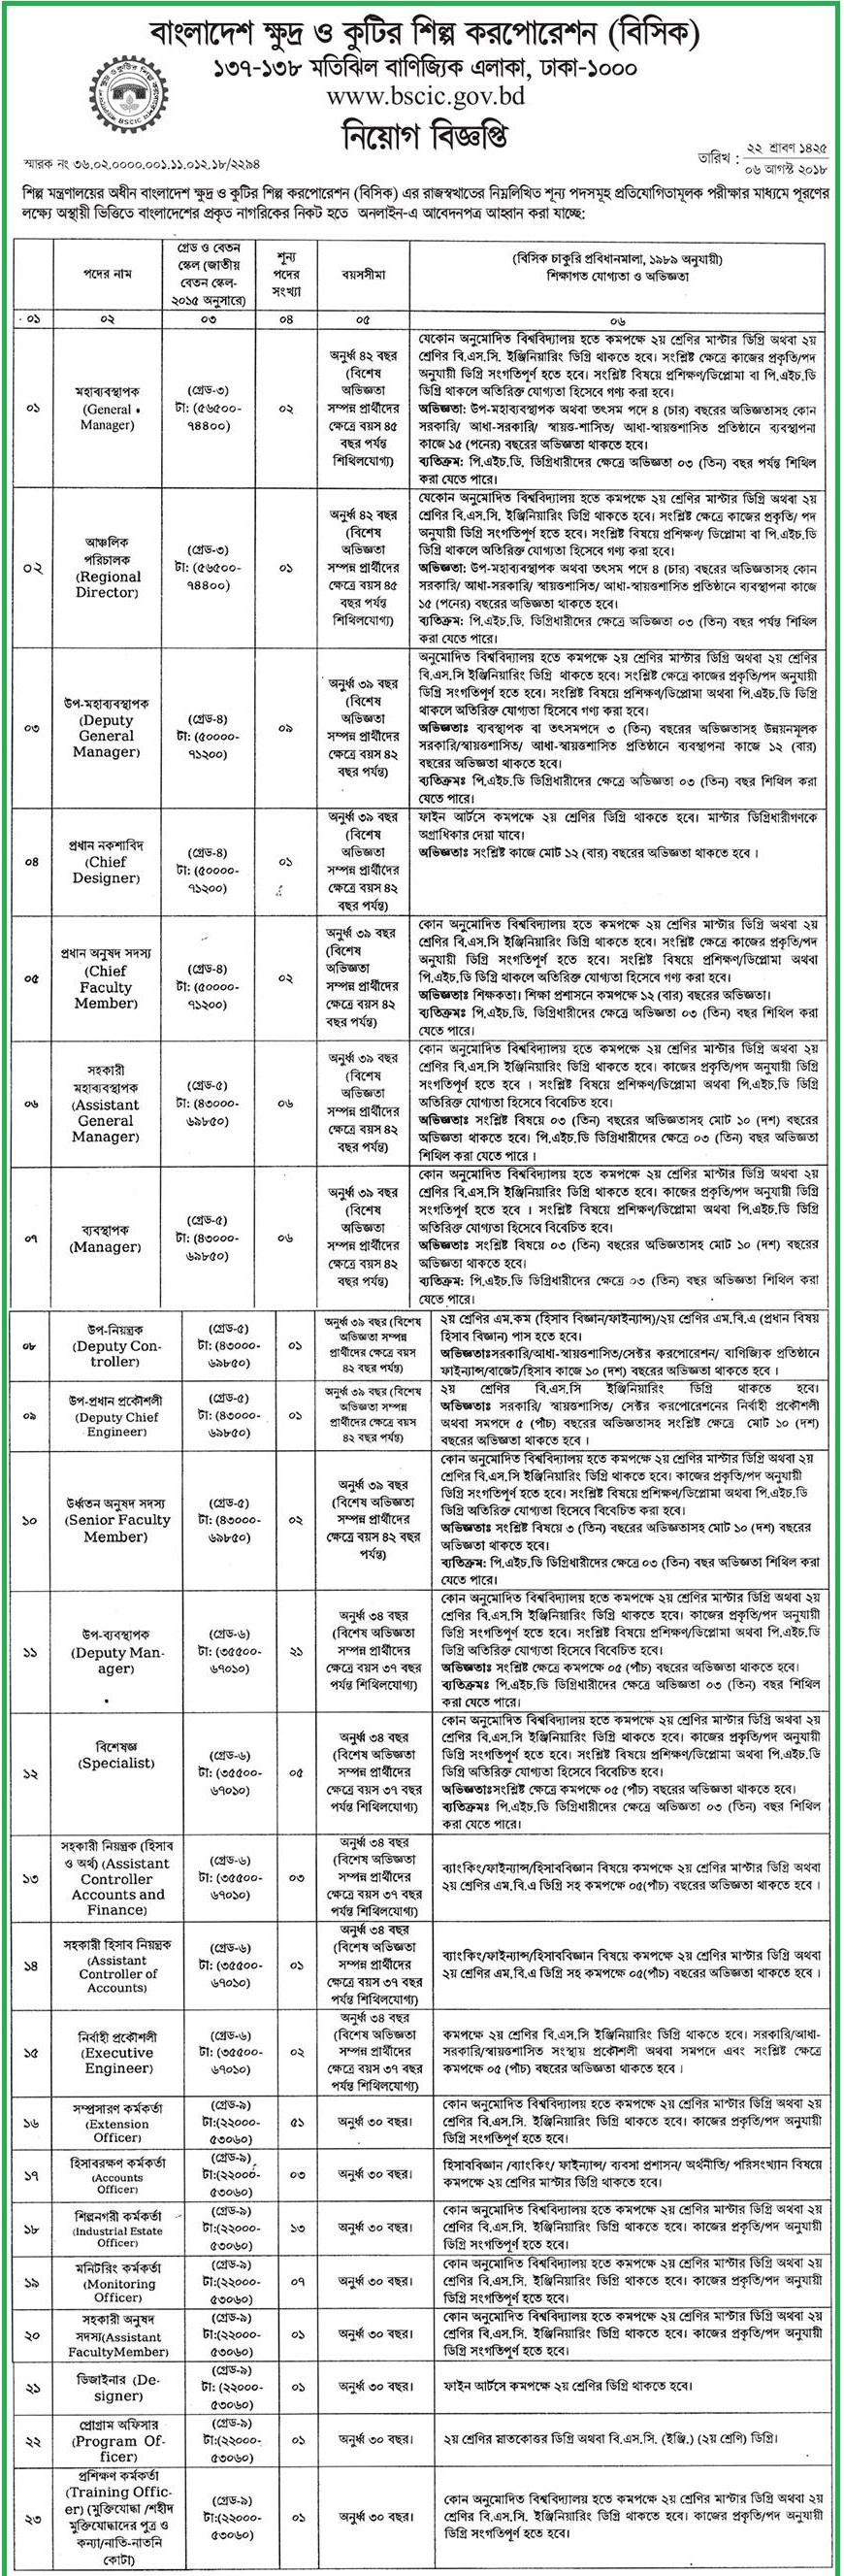 BSCIC Job Circular 2018